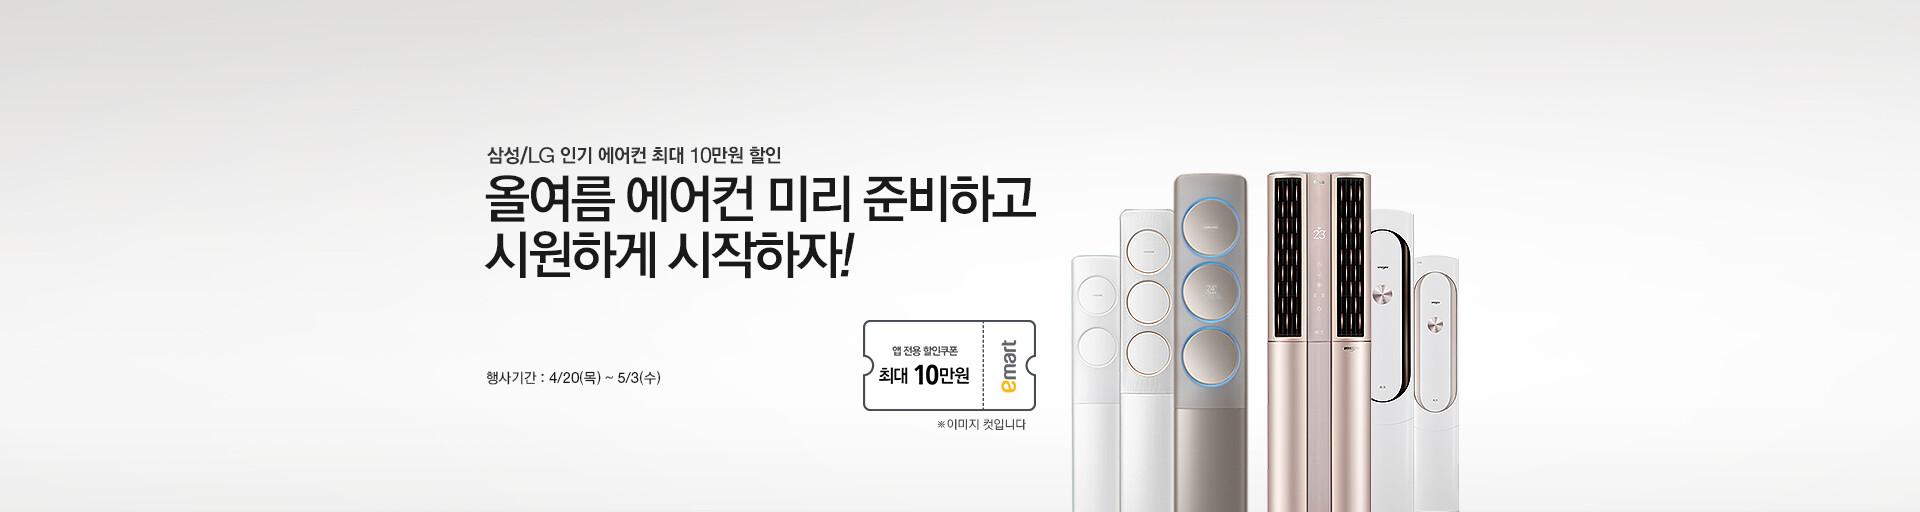 삼성/LG 인기 에어컨 최대 10만원 할인 올여름 에어컨 미리 준비하고 시원하게 시작하자! 행사기간 : 4/20(목)~5/3(수) 앱 전용 할인쿠폰 최대 10만원 ※ 이미지 컷입니다